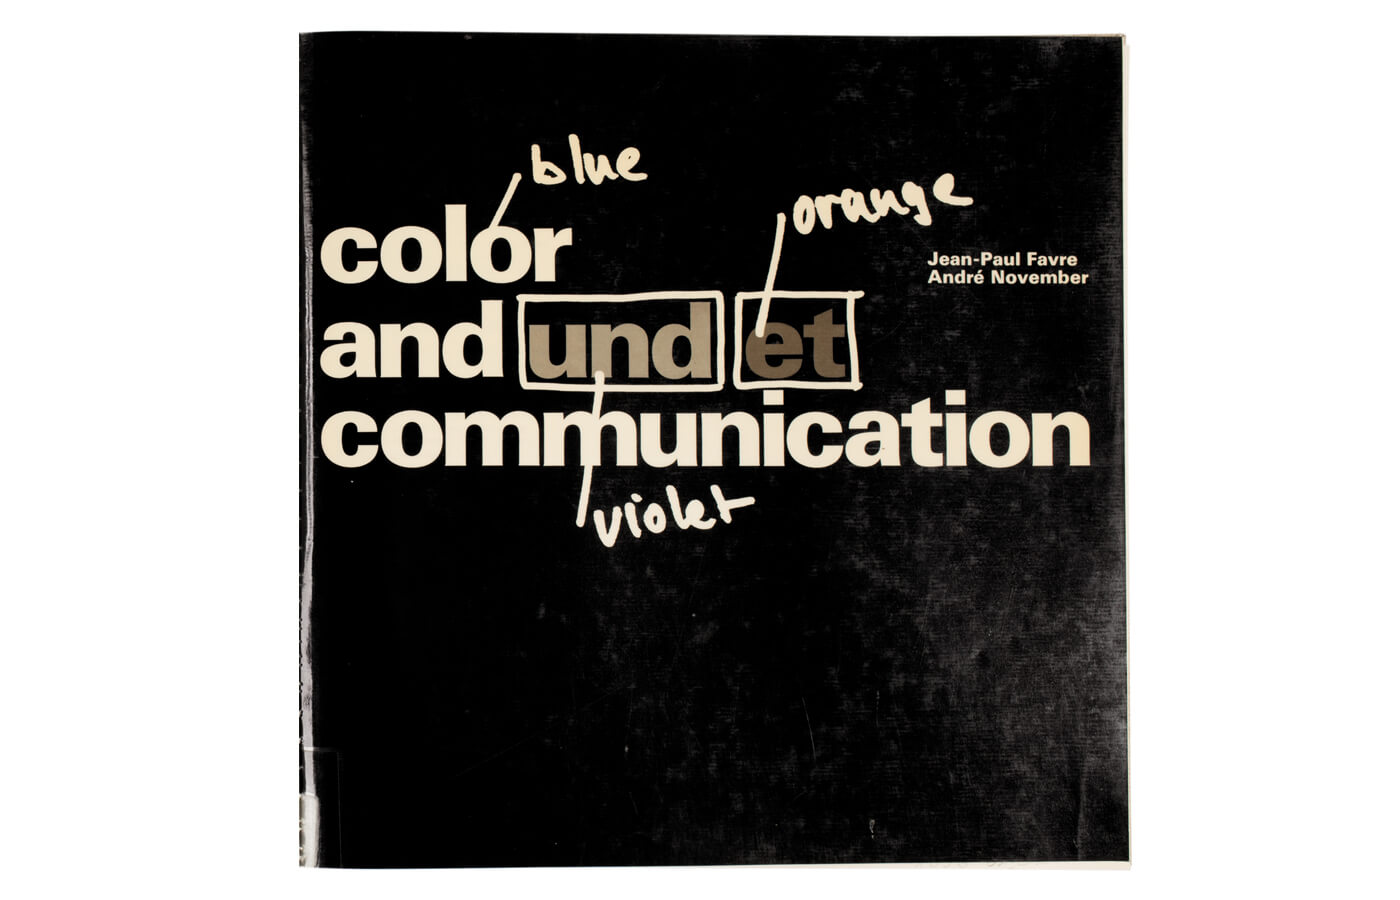 color and und et communication